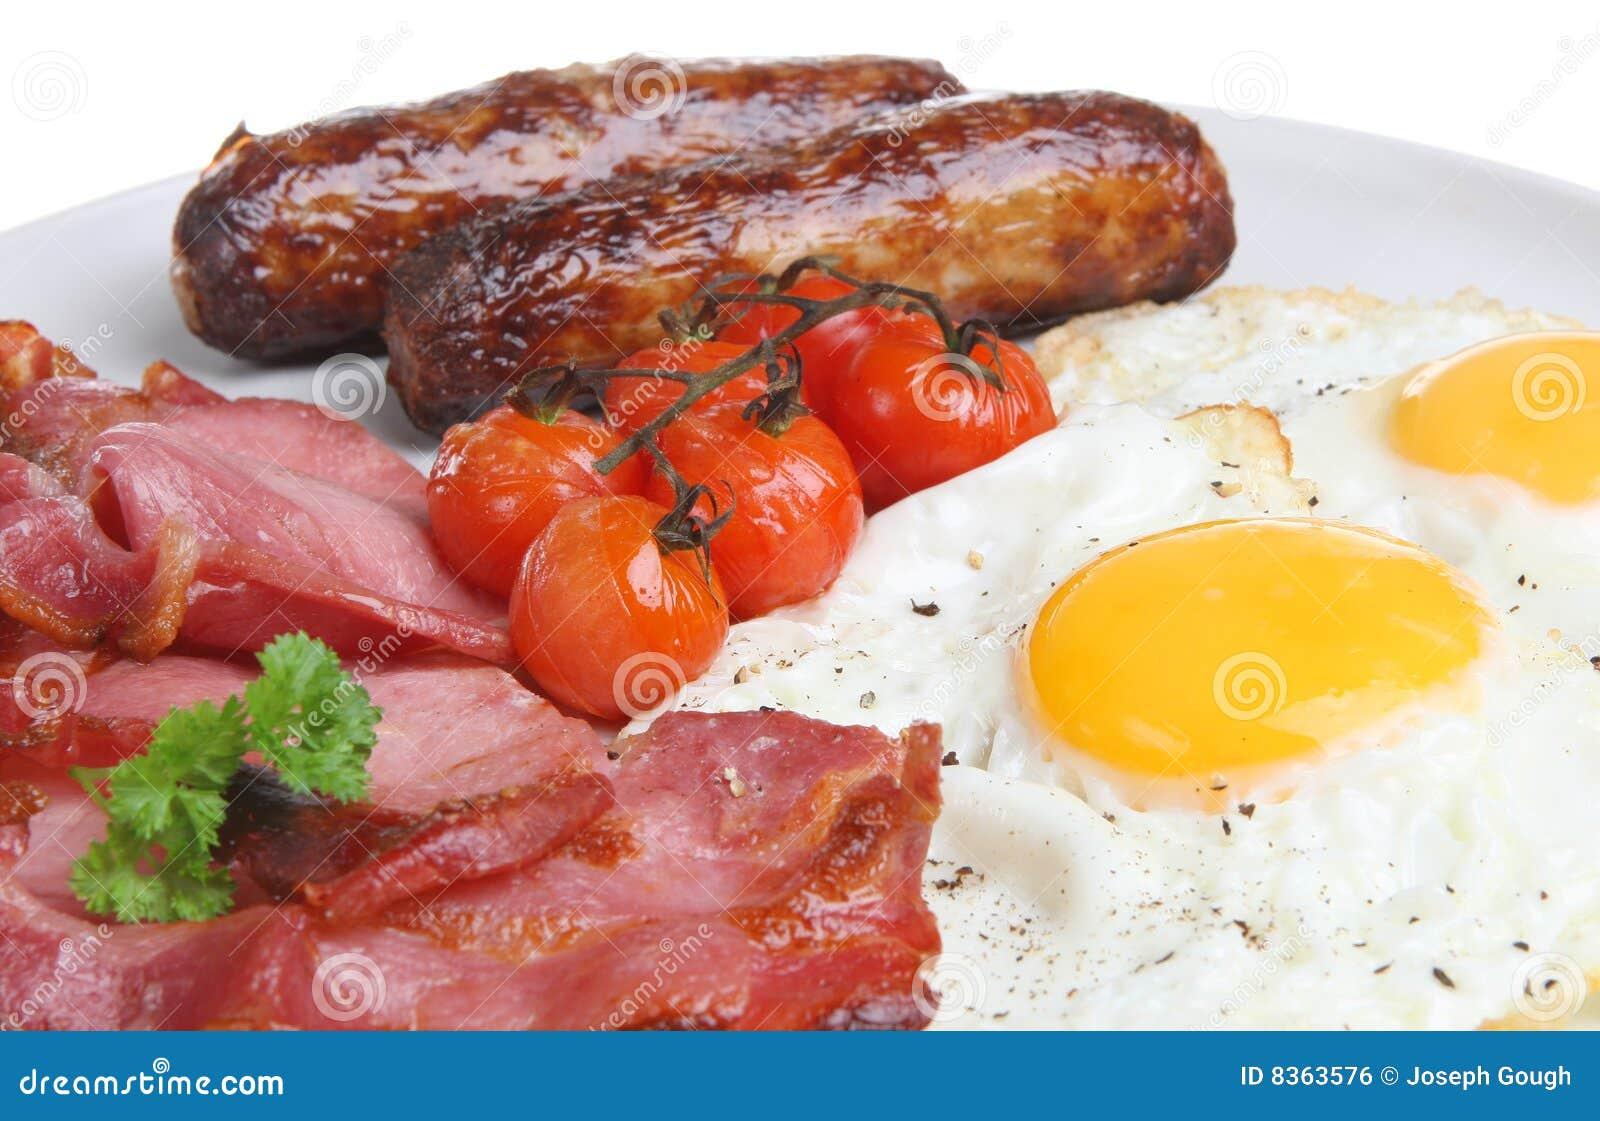 Prima colazione cucinata inglese